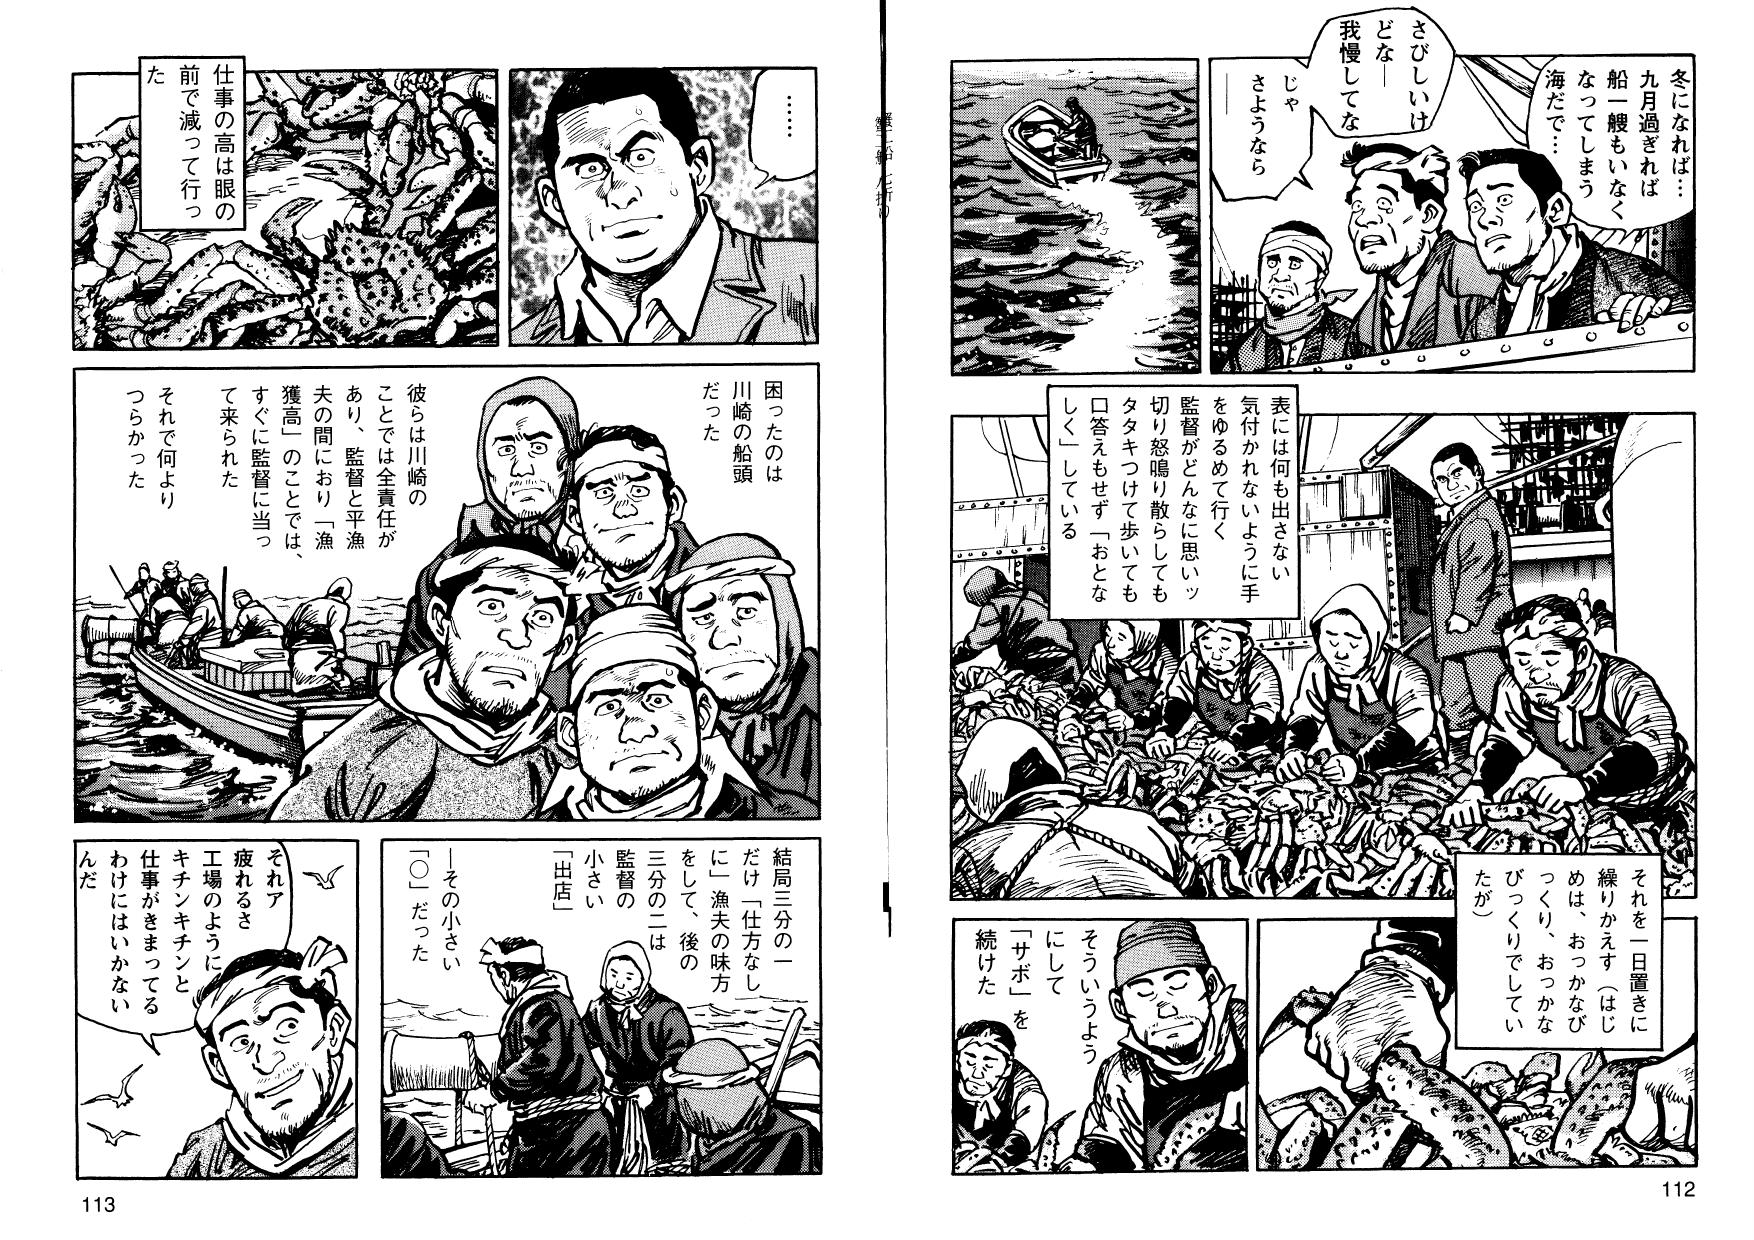 kani_cmc_000057.jpg